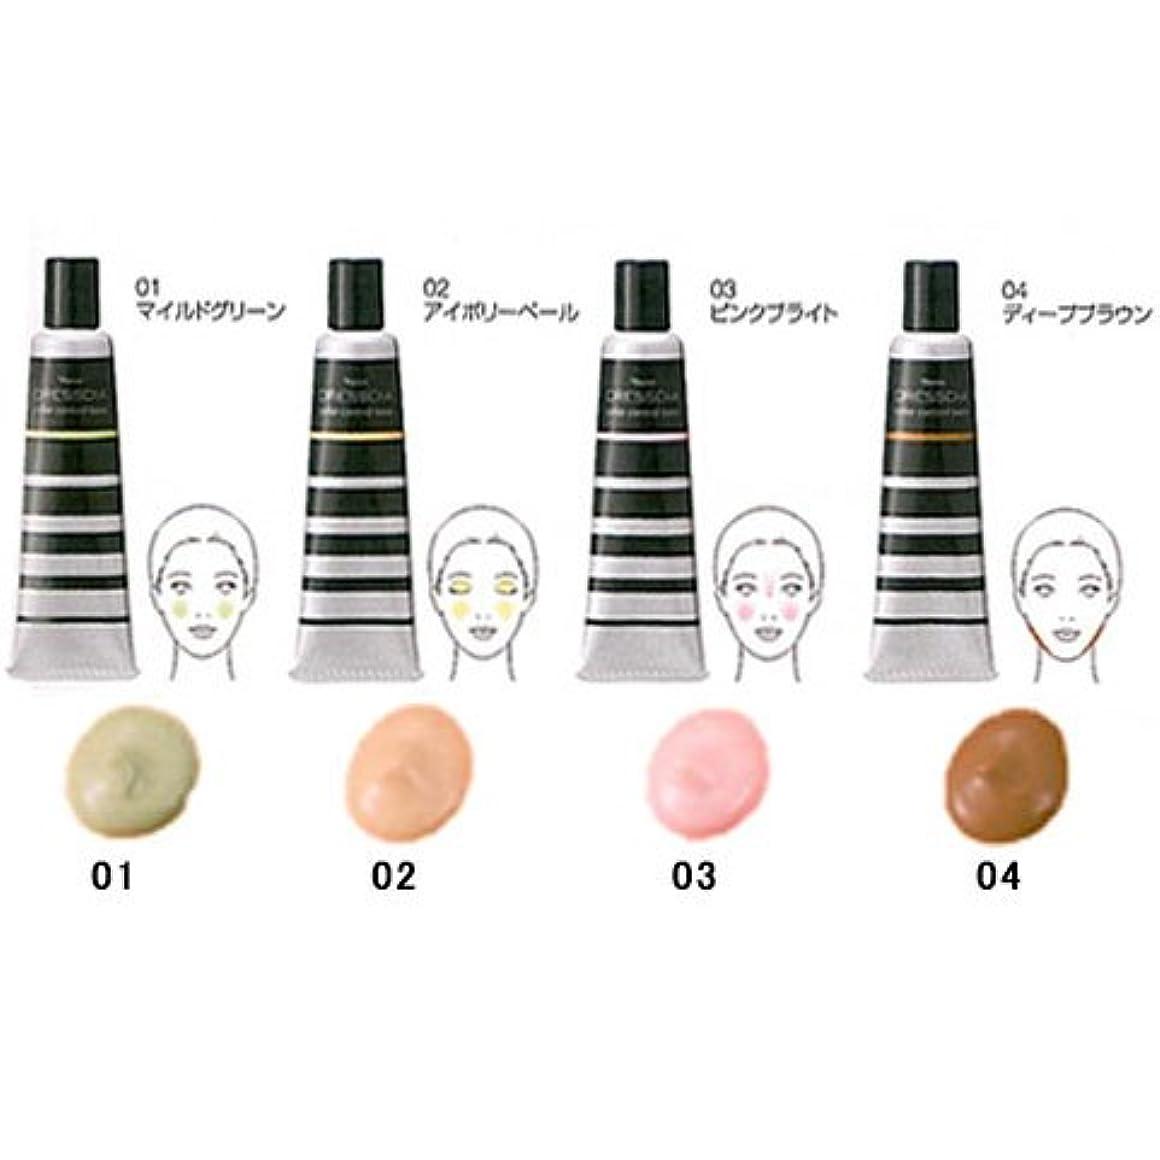 閉じる過言害ナリス化粧品 ドレスディア カラーコントロールベース部分用 化粧下地 20g 02 アイボリーベール